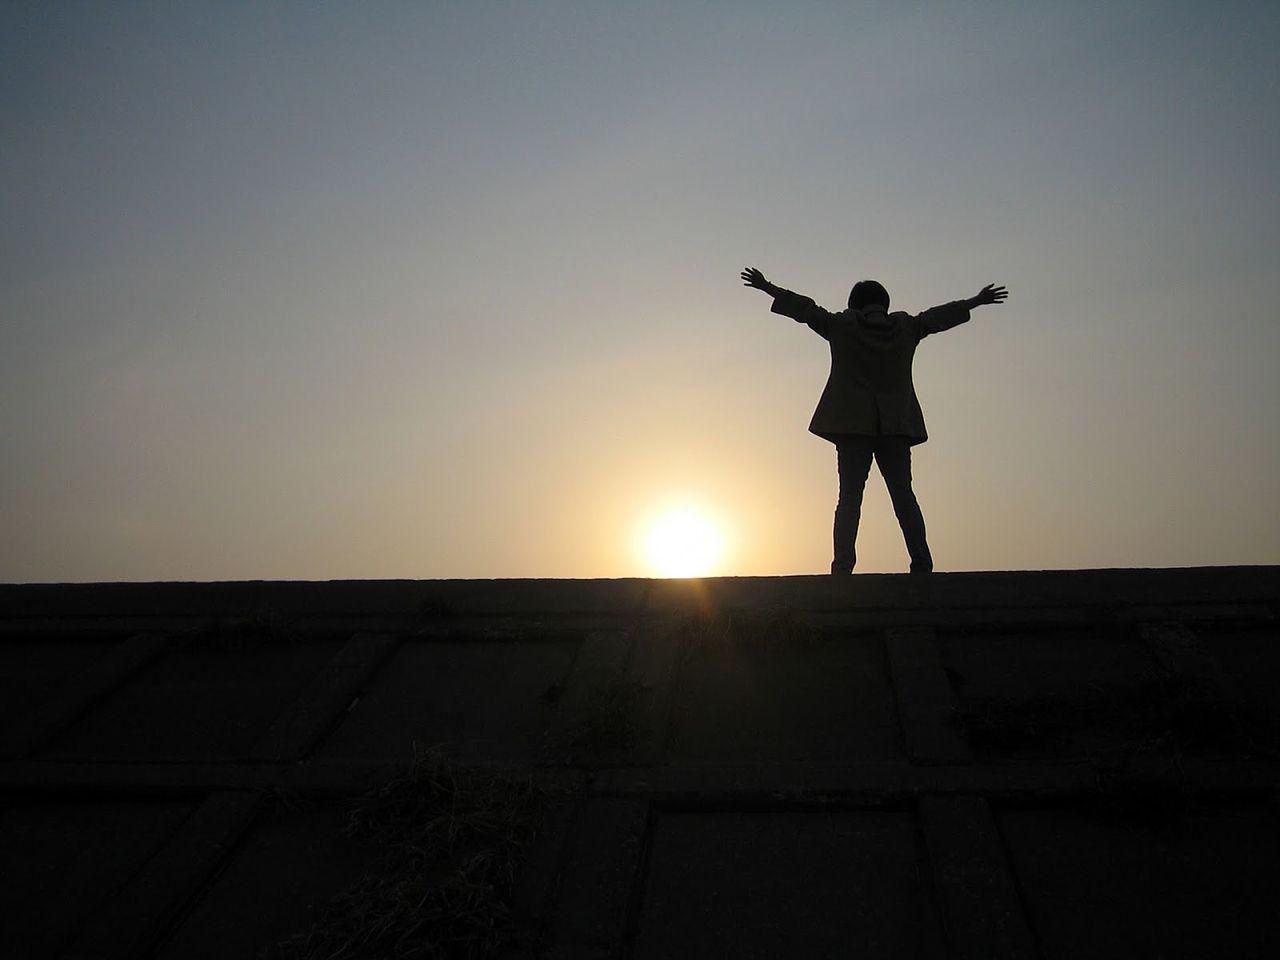 『人のためになることをしていきた』と志を大きく抱いていることを知ると、明るい気持ちになります。